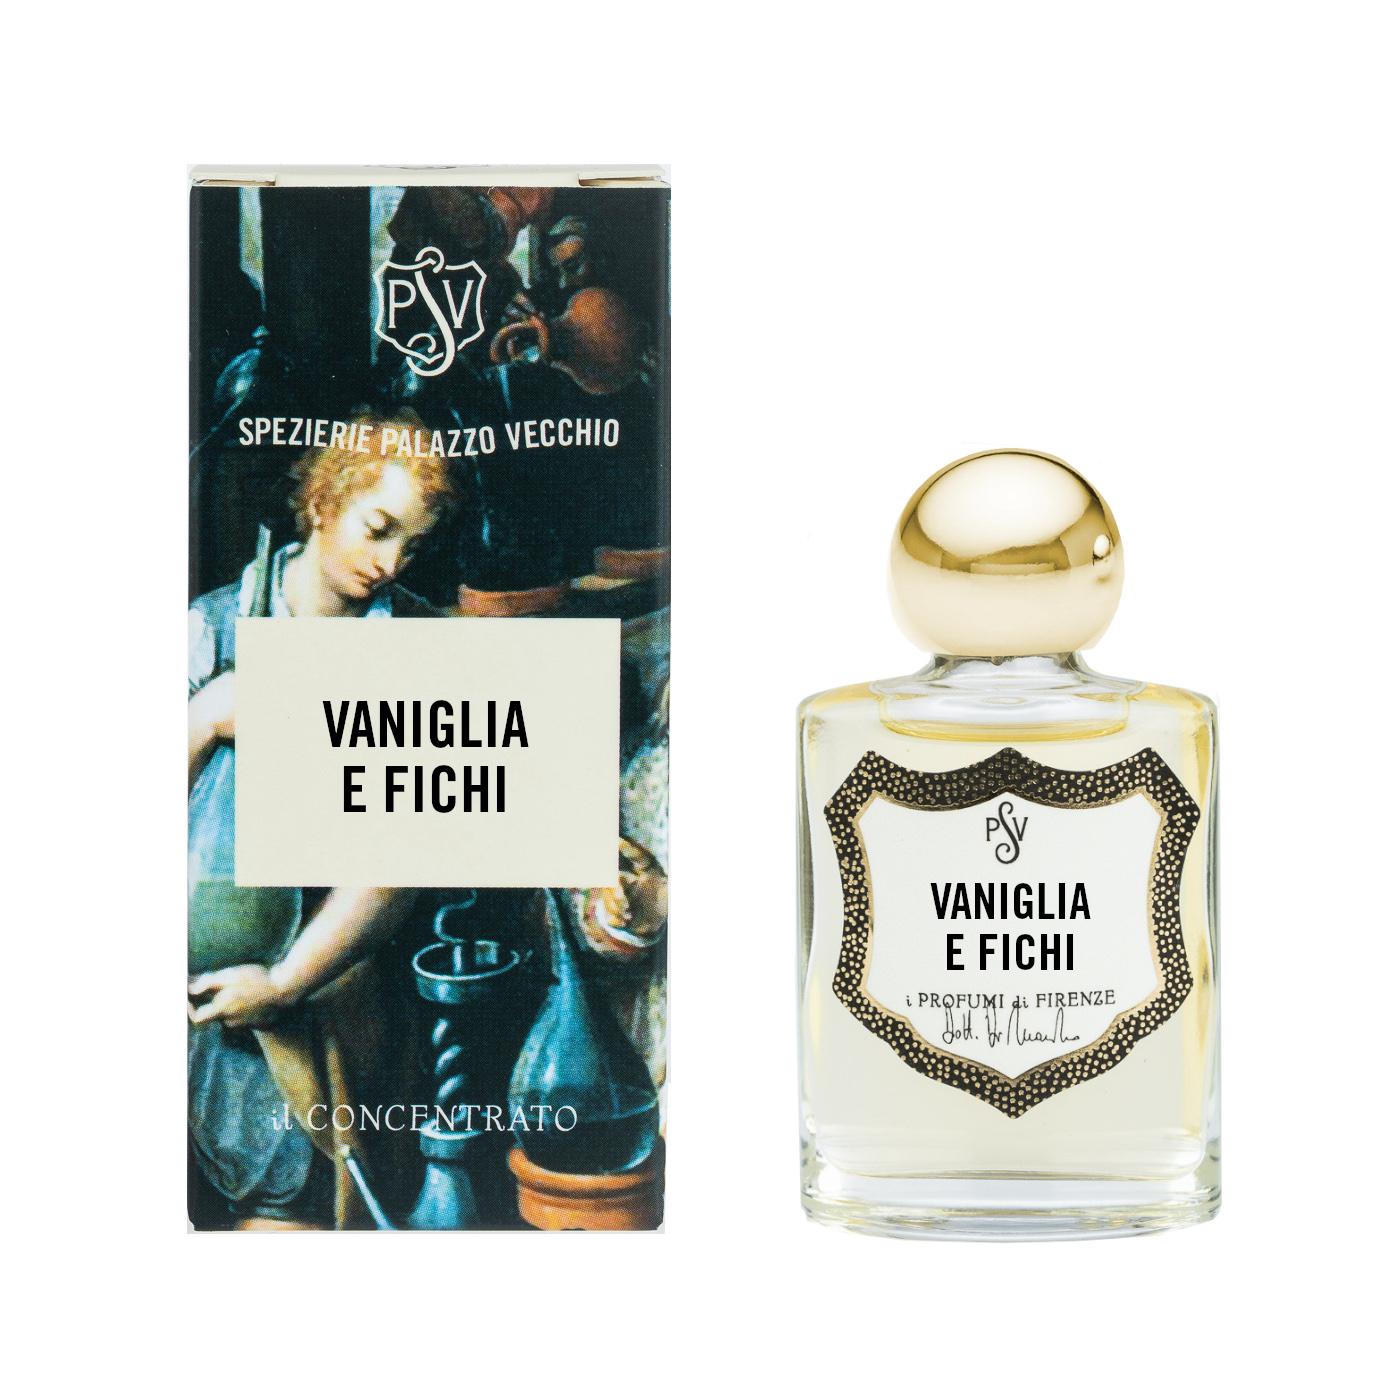 VANIGLIA E FICHI - Il Concentrato-3875